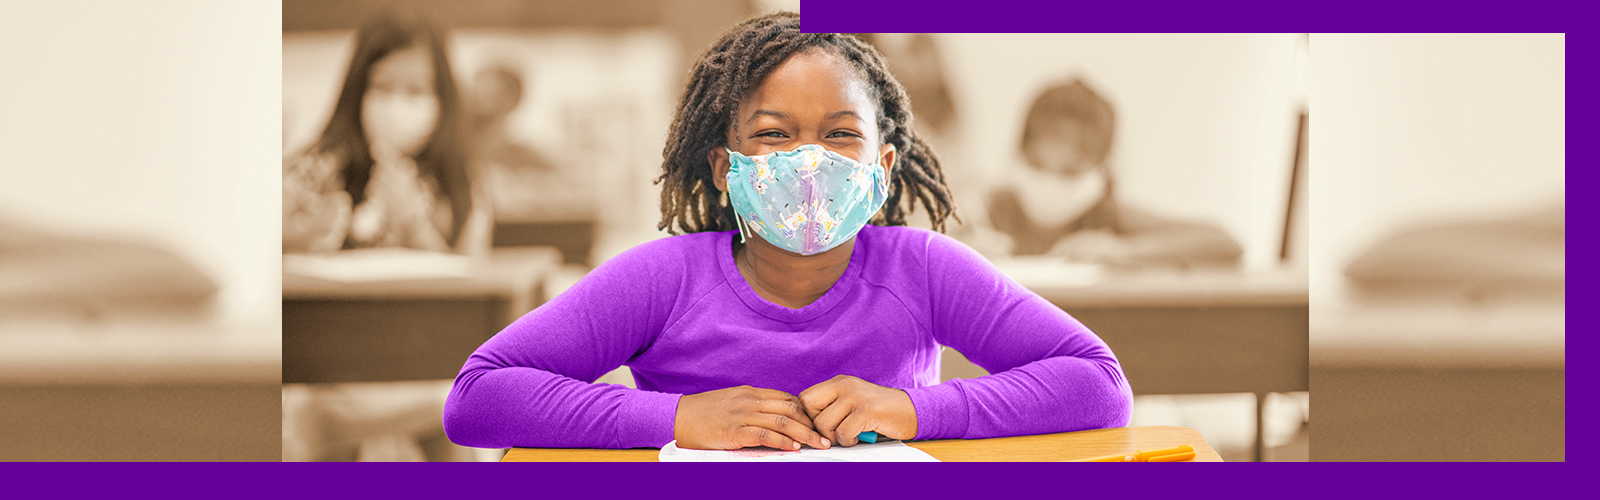 A imagem mostra uma crianca negra em destaque de máscara de proteção colorida e blusa de manga comprida cinza sentada em uma carteira escolar dentro de uma sala de aula. Ao fundo, é possível ver mais crianças sentadas, também de máscara.